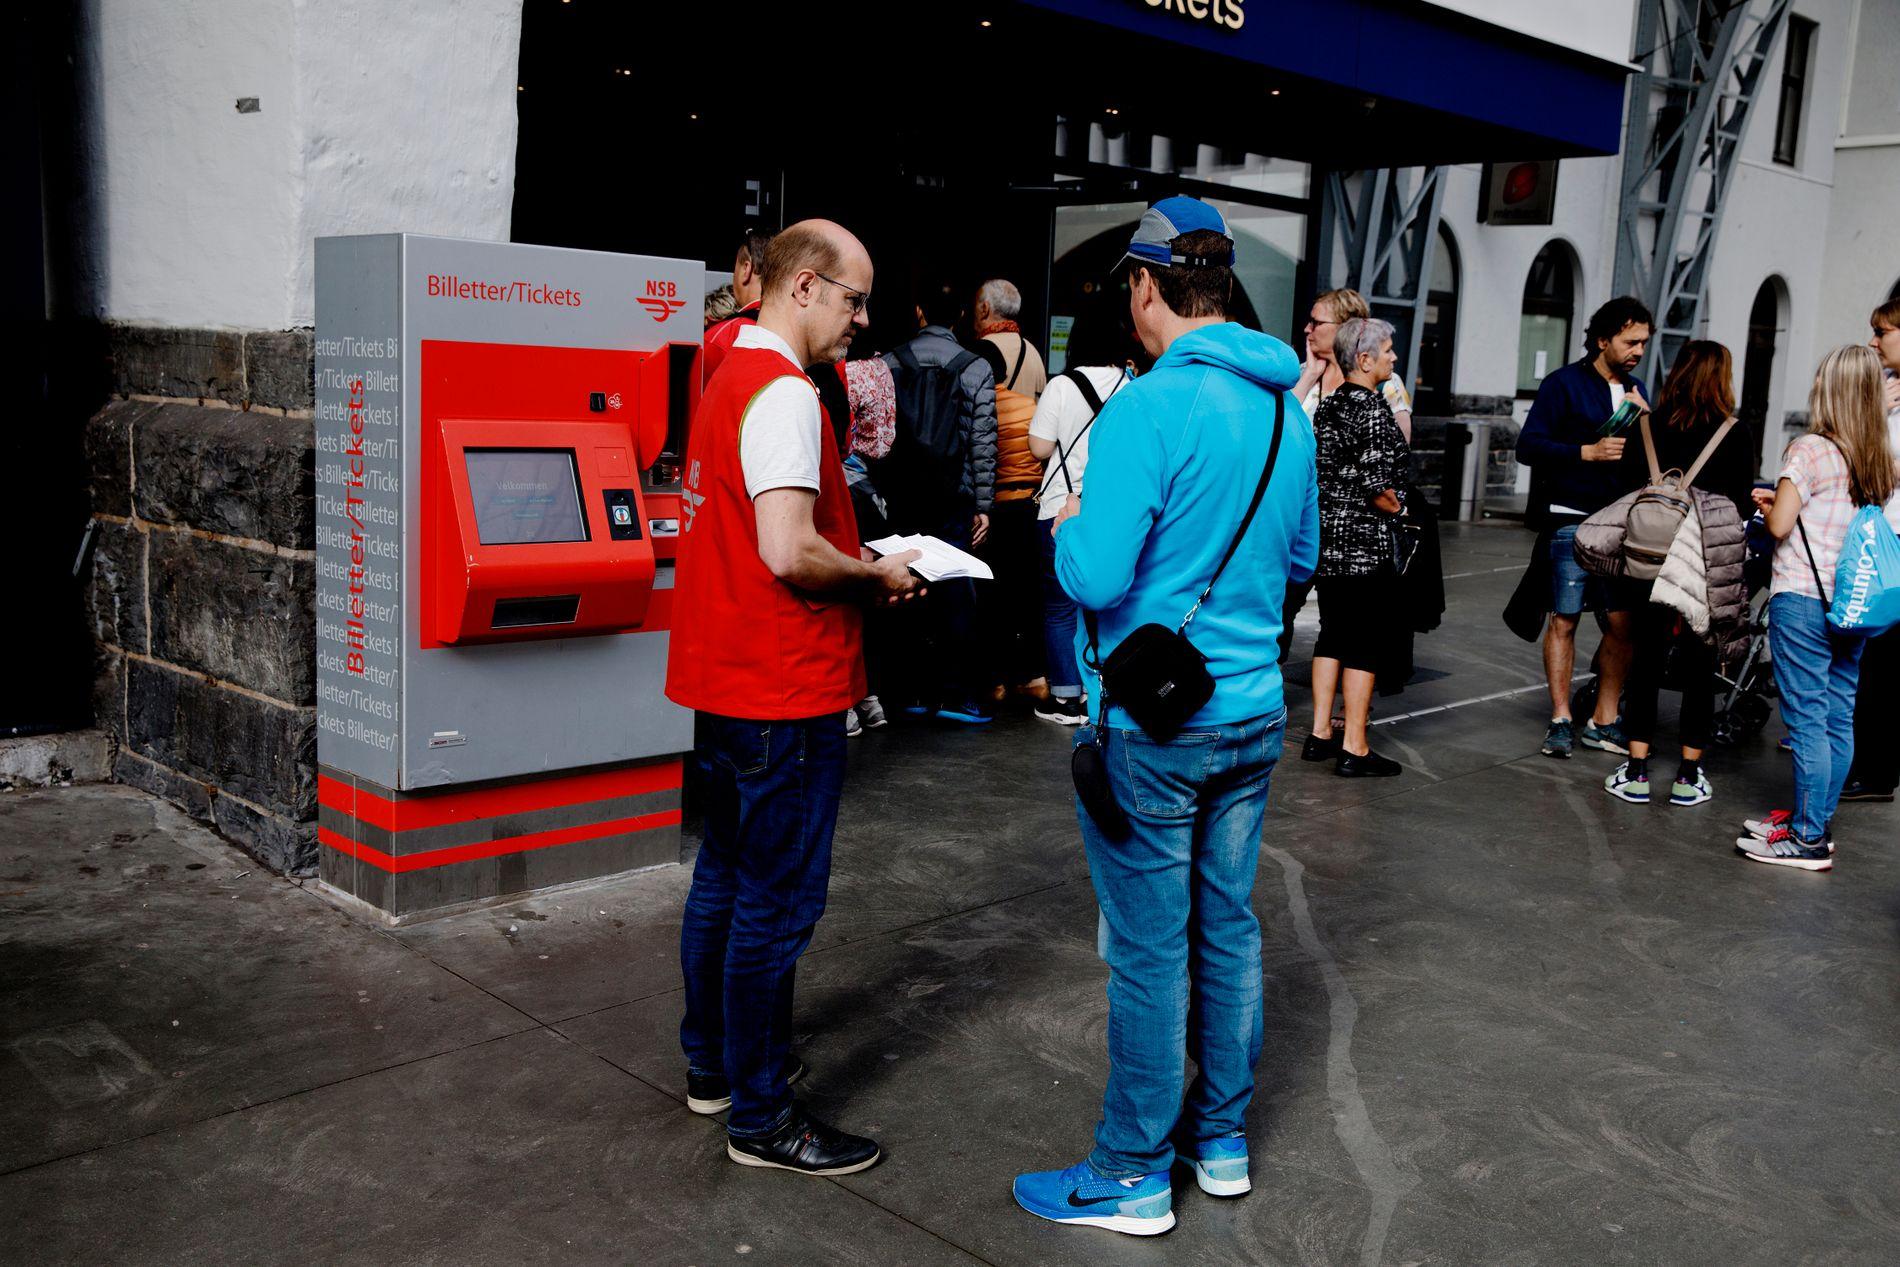 INFORMERER: Markedssjef Henning Lirhus hadde hendende fulle med å informere de mange turistene som hadde togbillett i retning Voss.